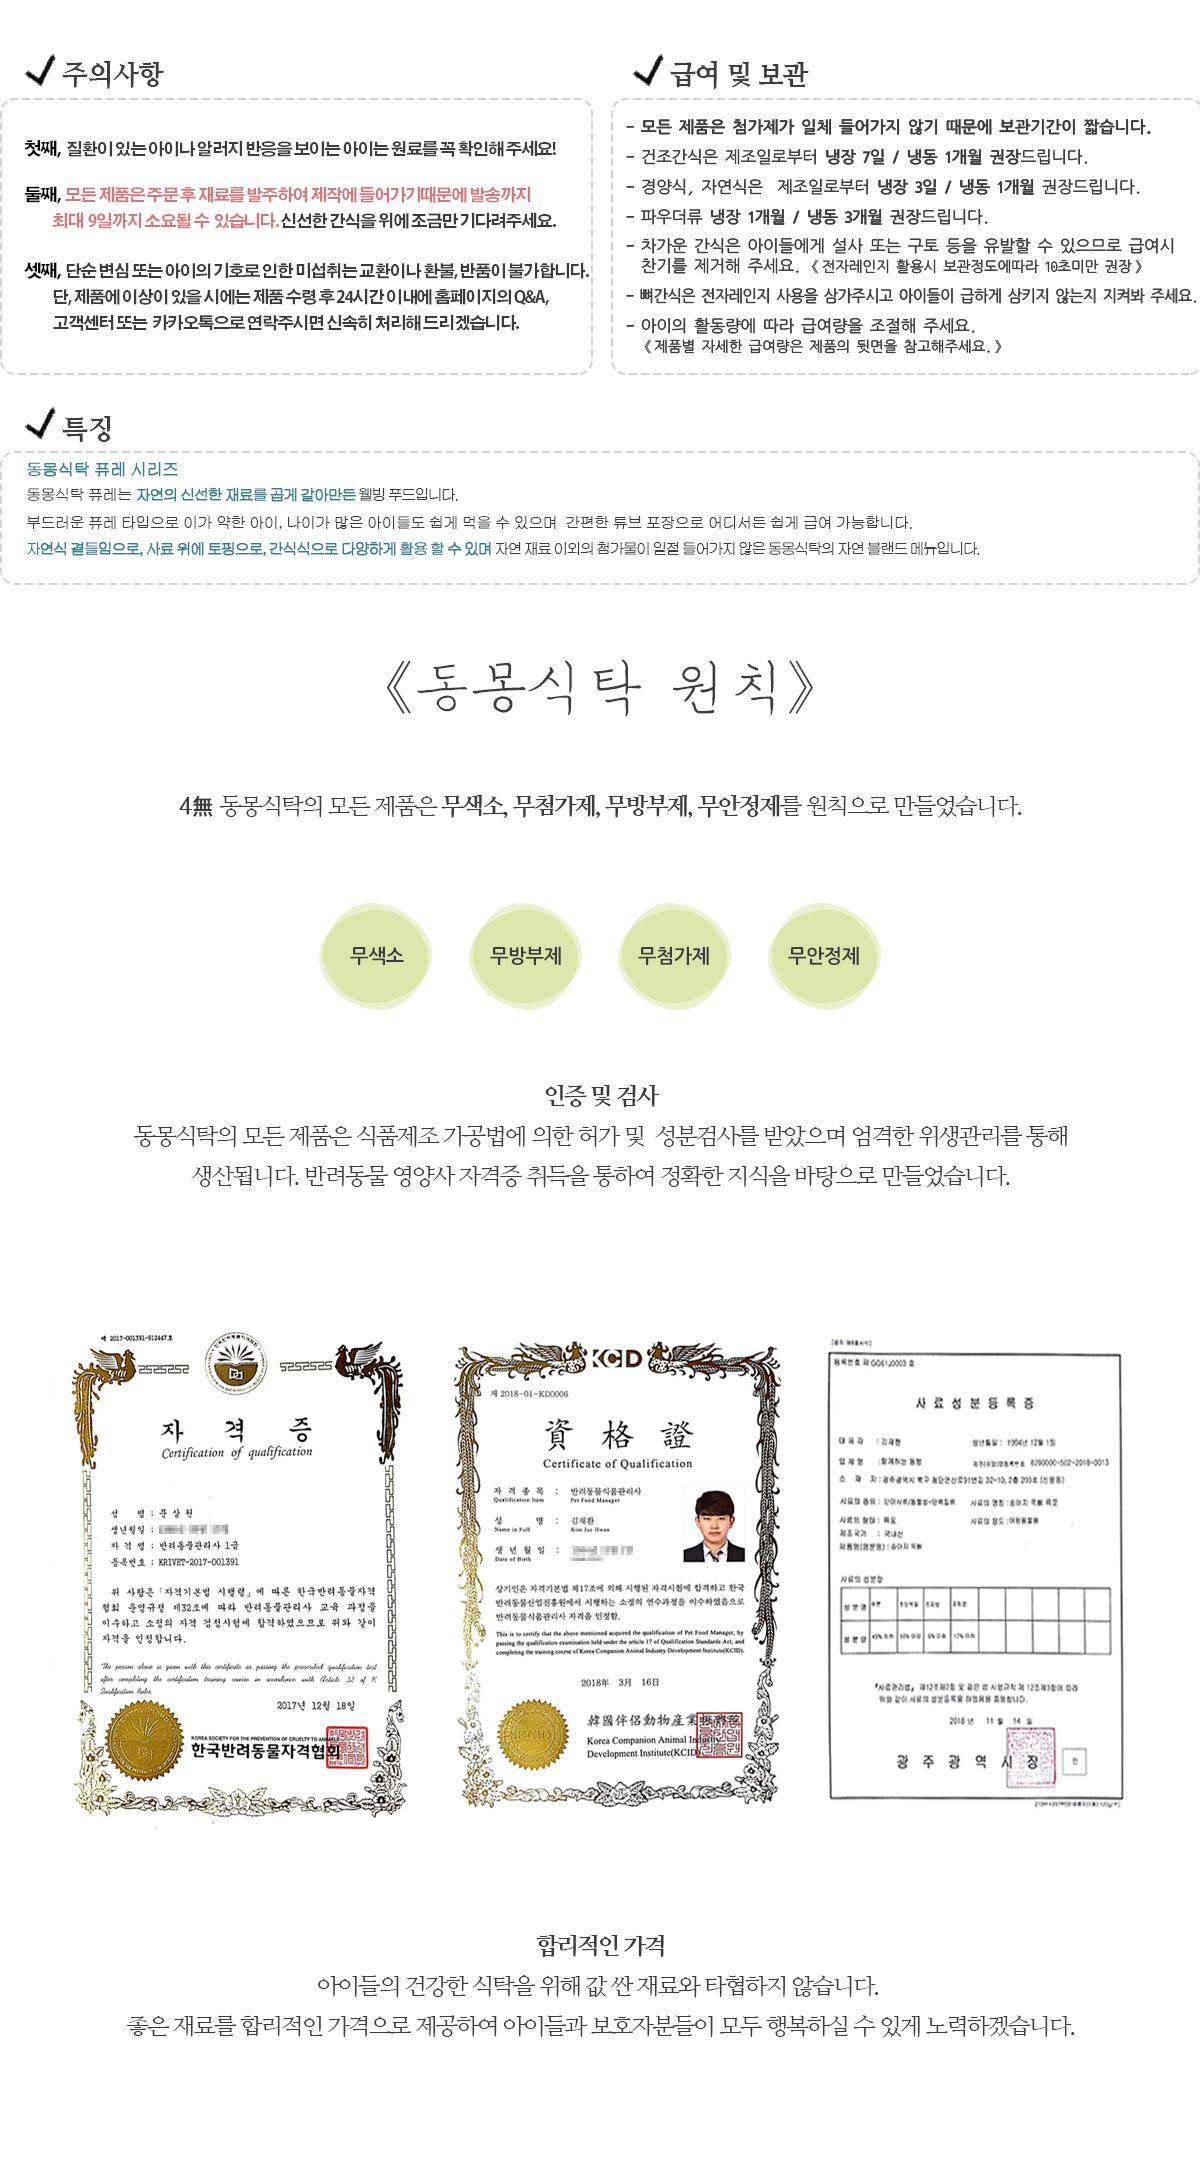 강아지 수제간식 소고기 육포 50g - 동몽식탁, 6,500원, 간식/영양제, 수제간식